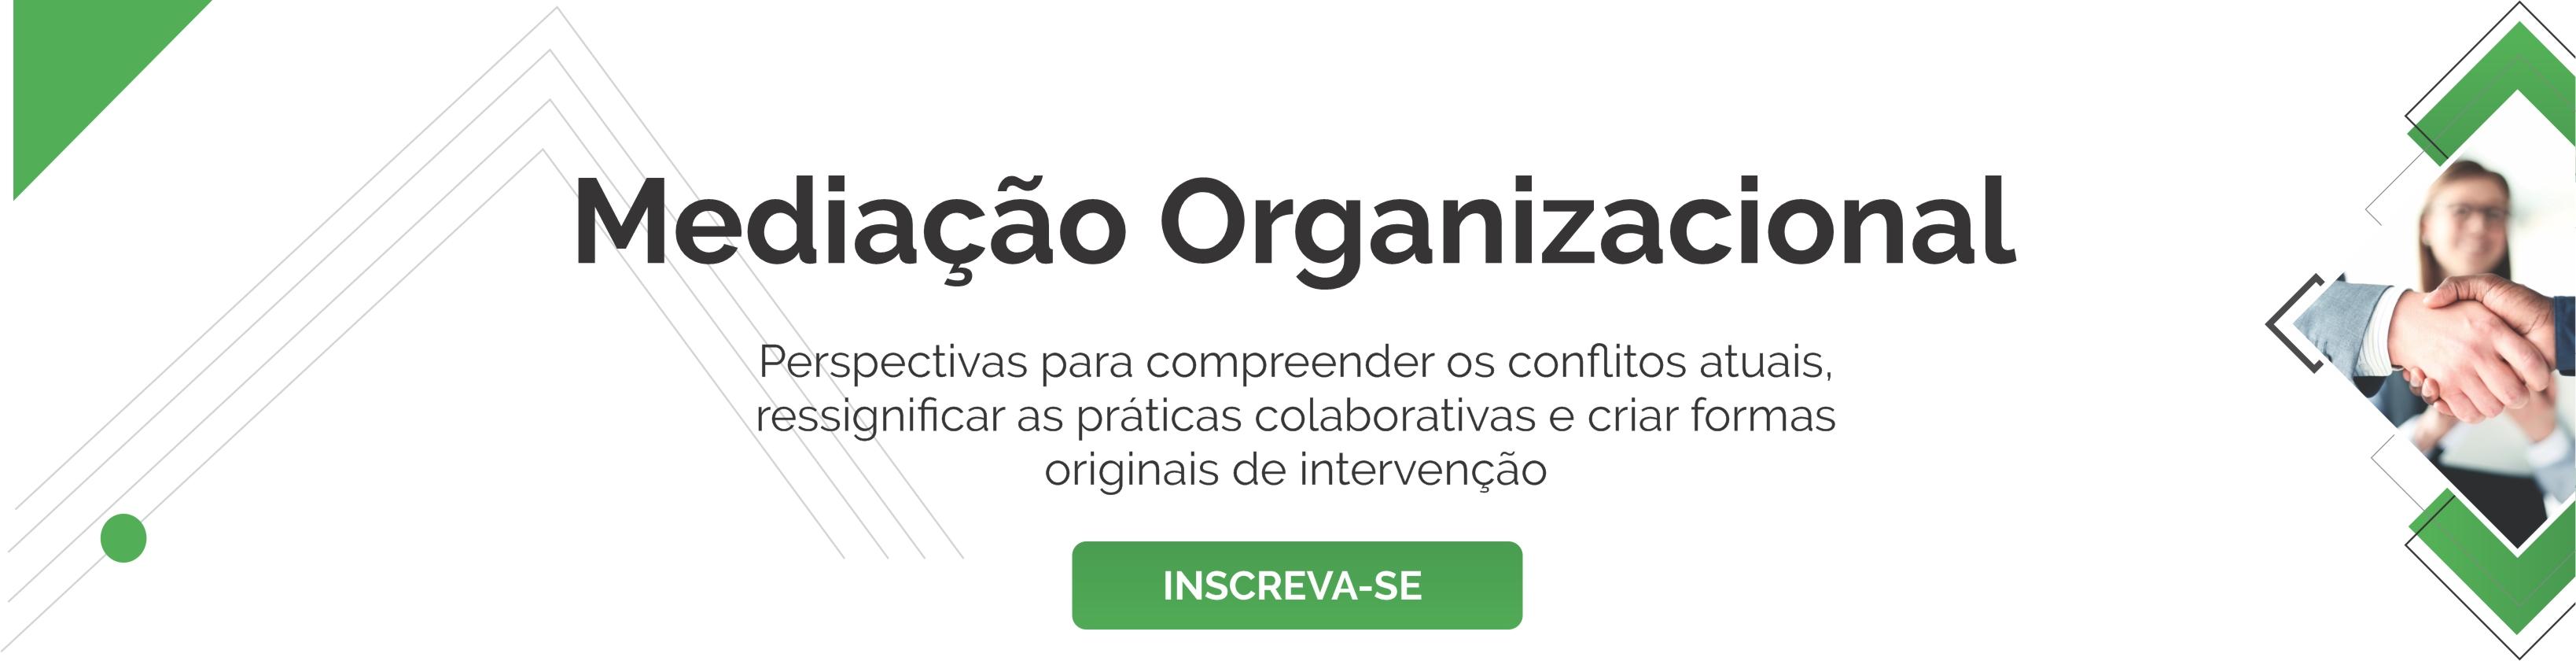 Slide-Mediação-Organizacional